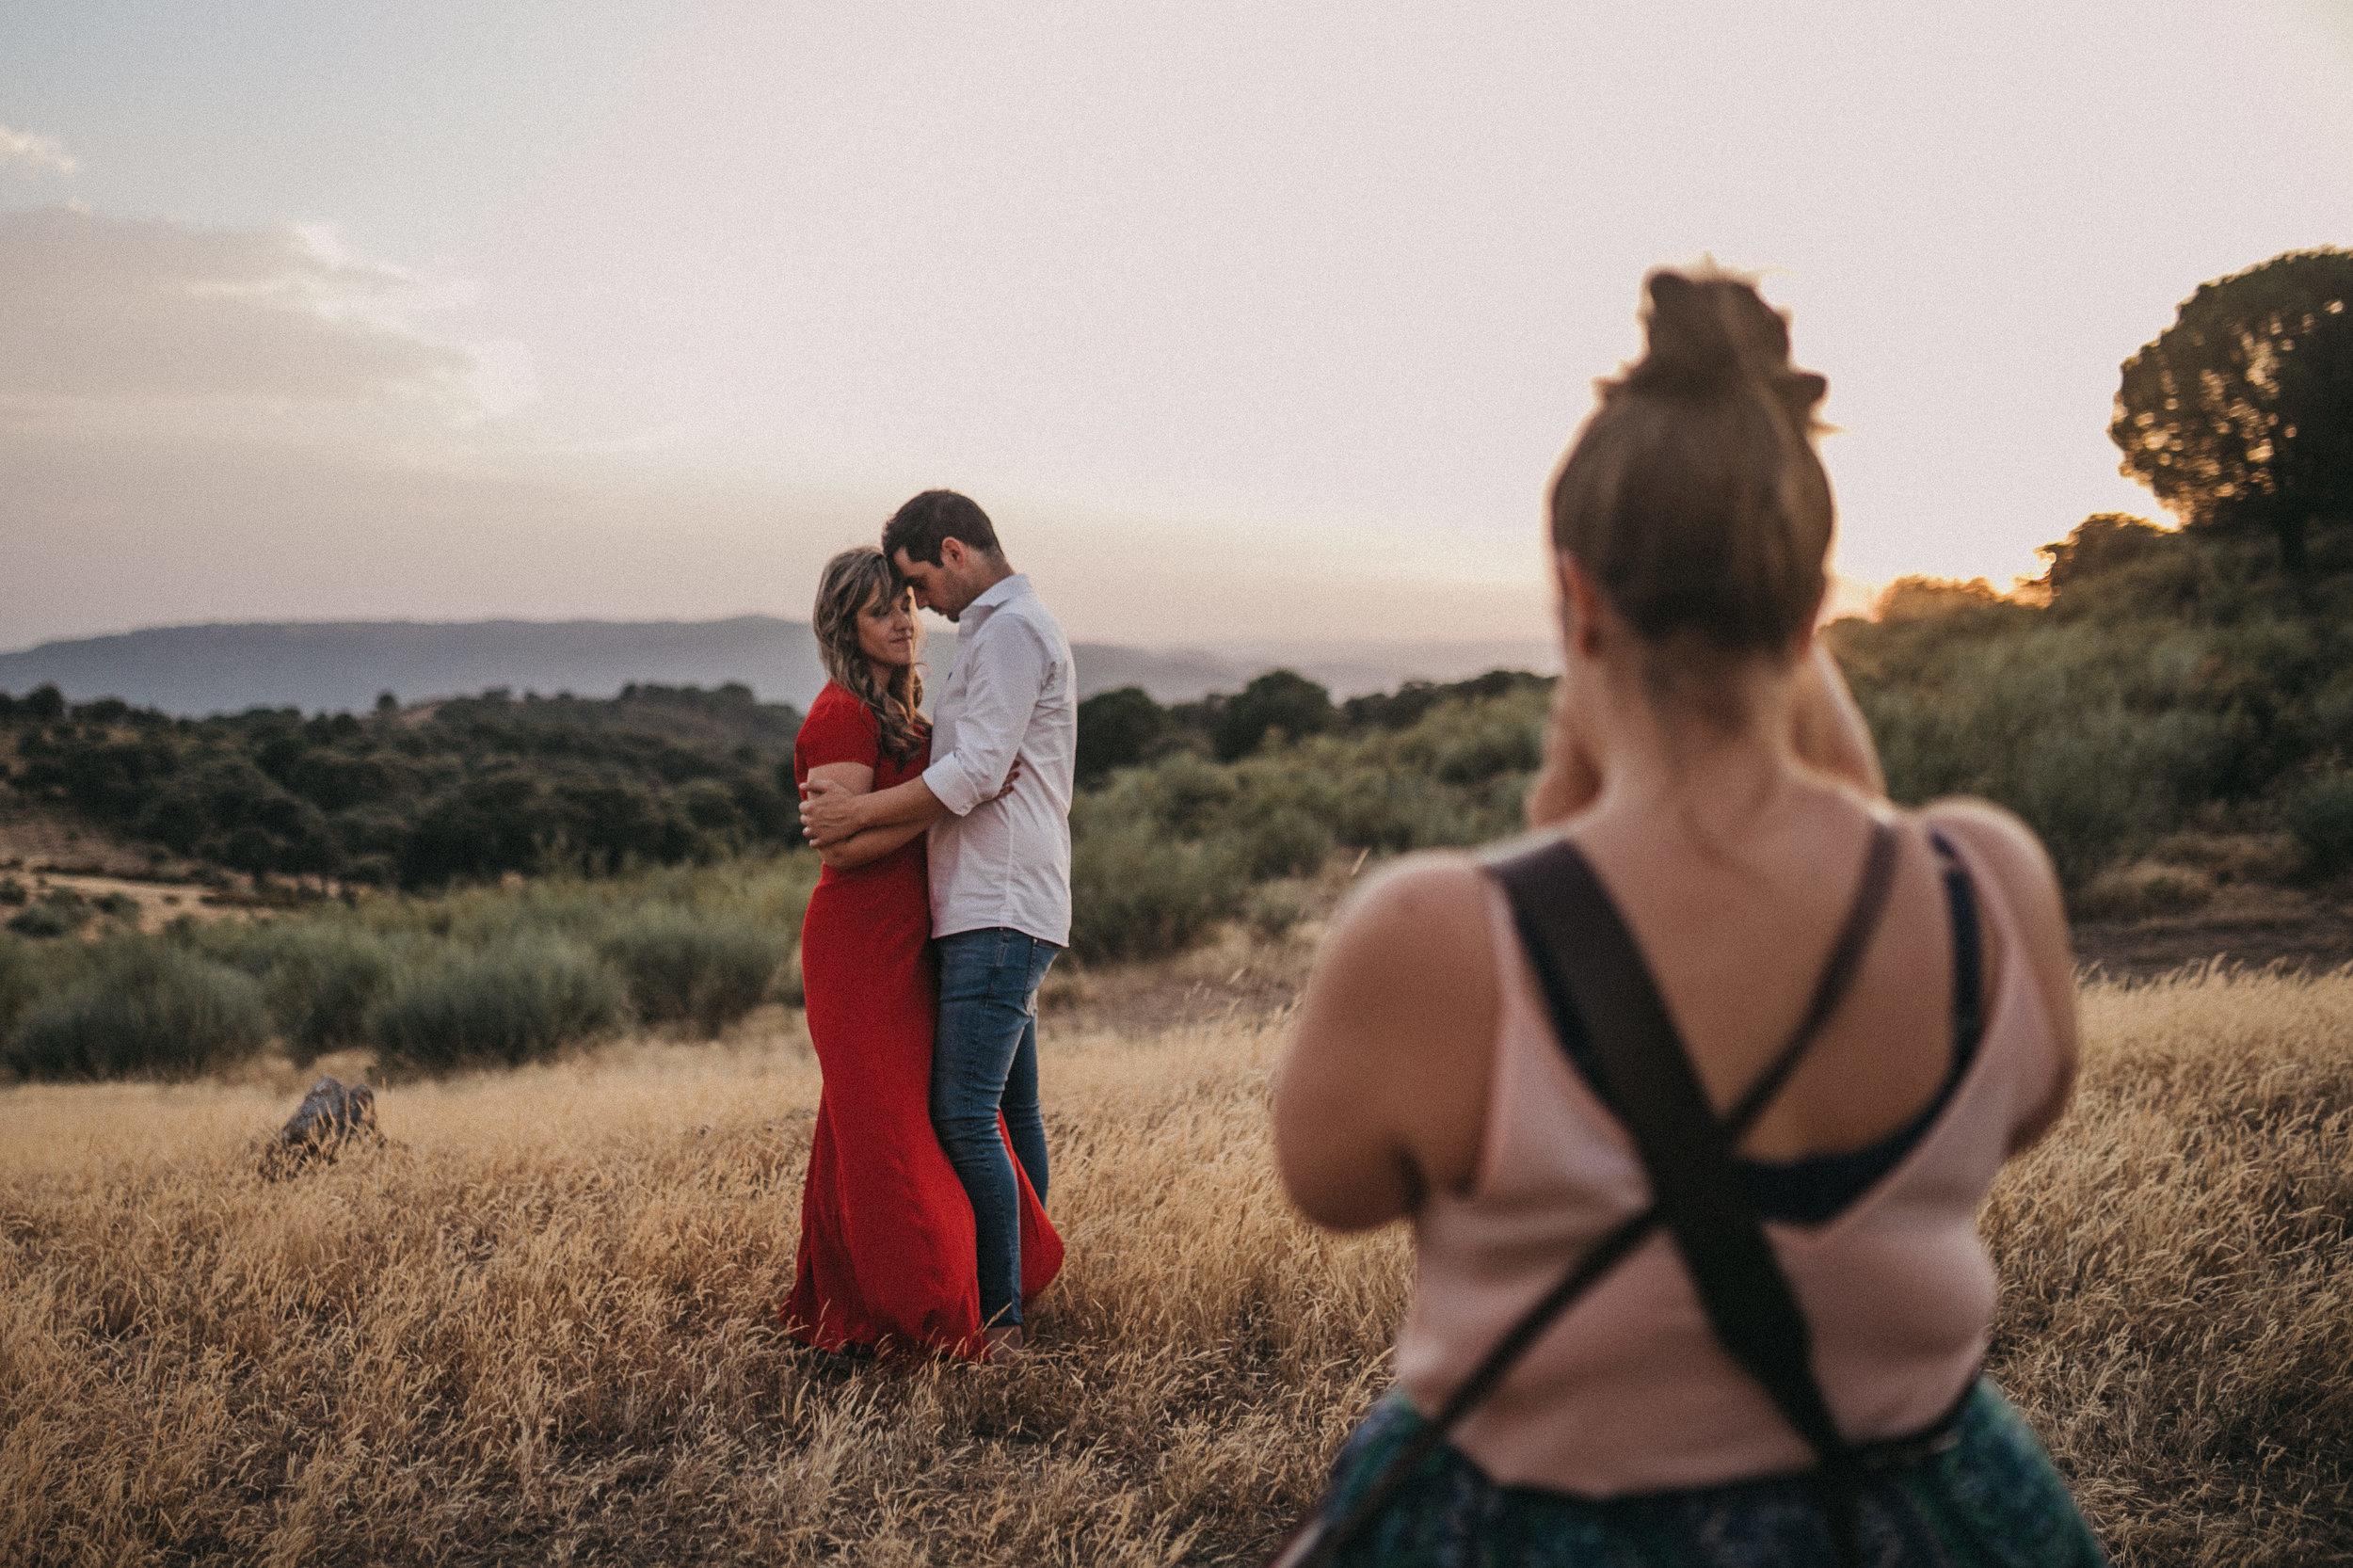 Fotografo de bodas españa serafin castillo wedding photographer spain 953.jpg